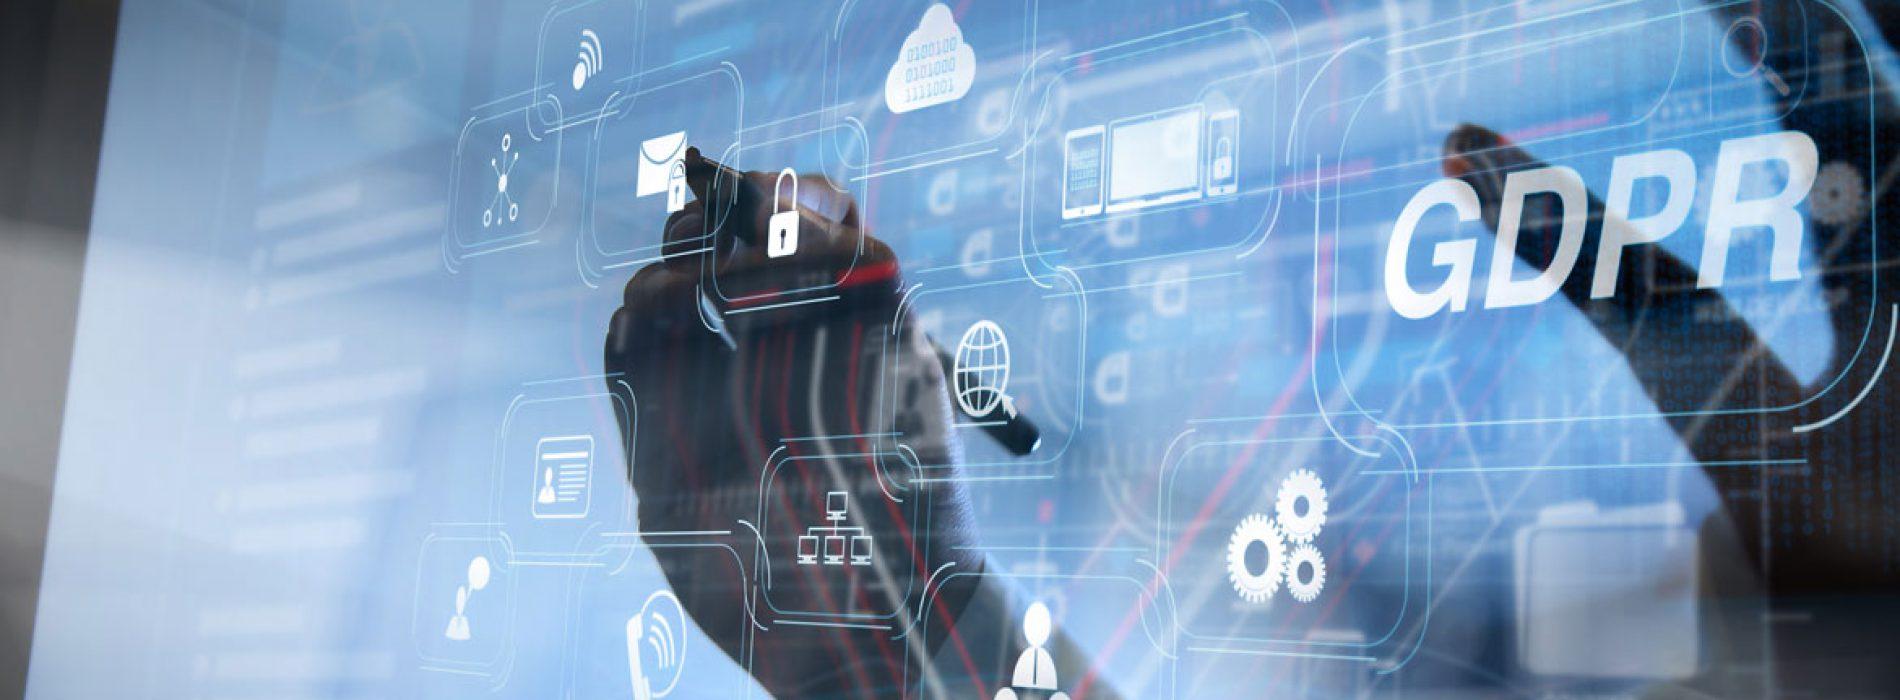 GDPR pubblicato in Gazzetta Ufficiale, l'Italia si adegua alla rivoluzione della Privacy